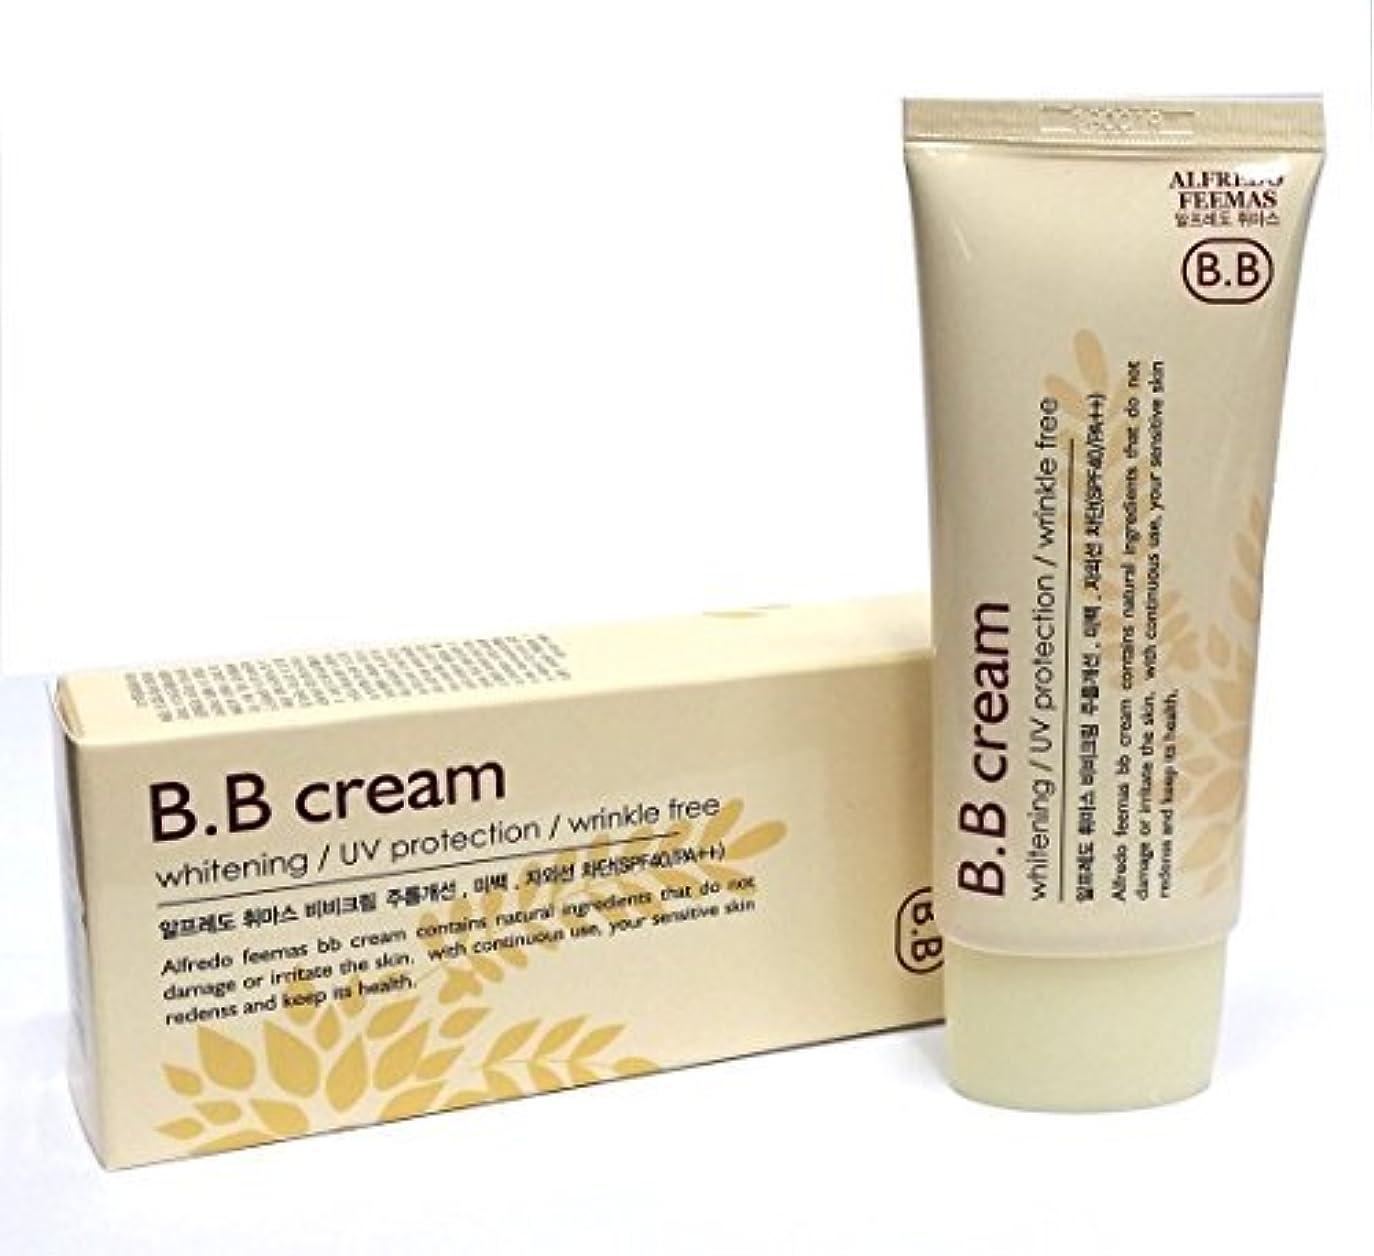 ボール歌う蒸発[ALFREDO FEEMAS] シャイニングBBクリームホワイトニング日焼け止めSPF40 PA++ 50ml / 韓国化粧品 / Shining BB Cream Whitening Sunblock SPF40 PA++ 50ml / Korean Cosmetics [並行輸入品]